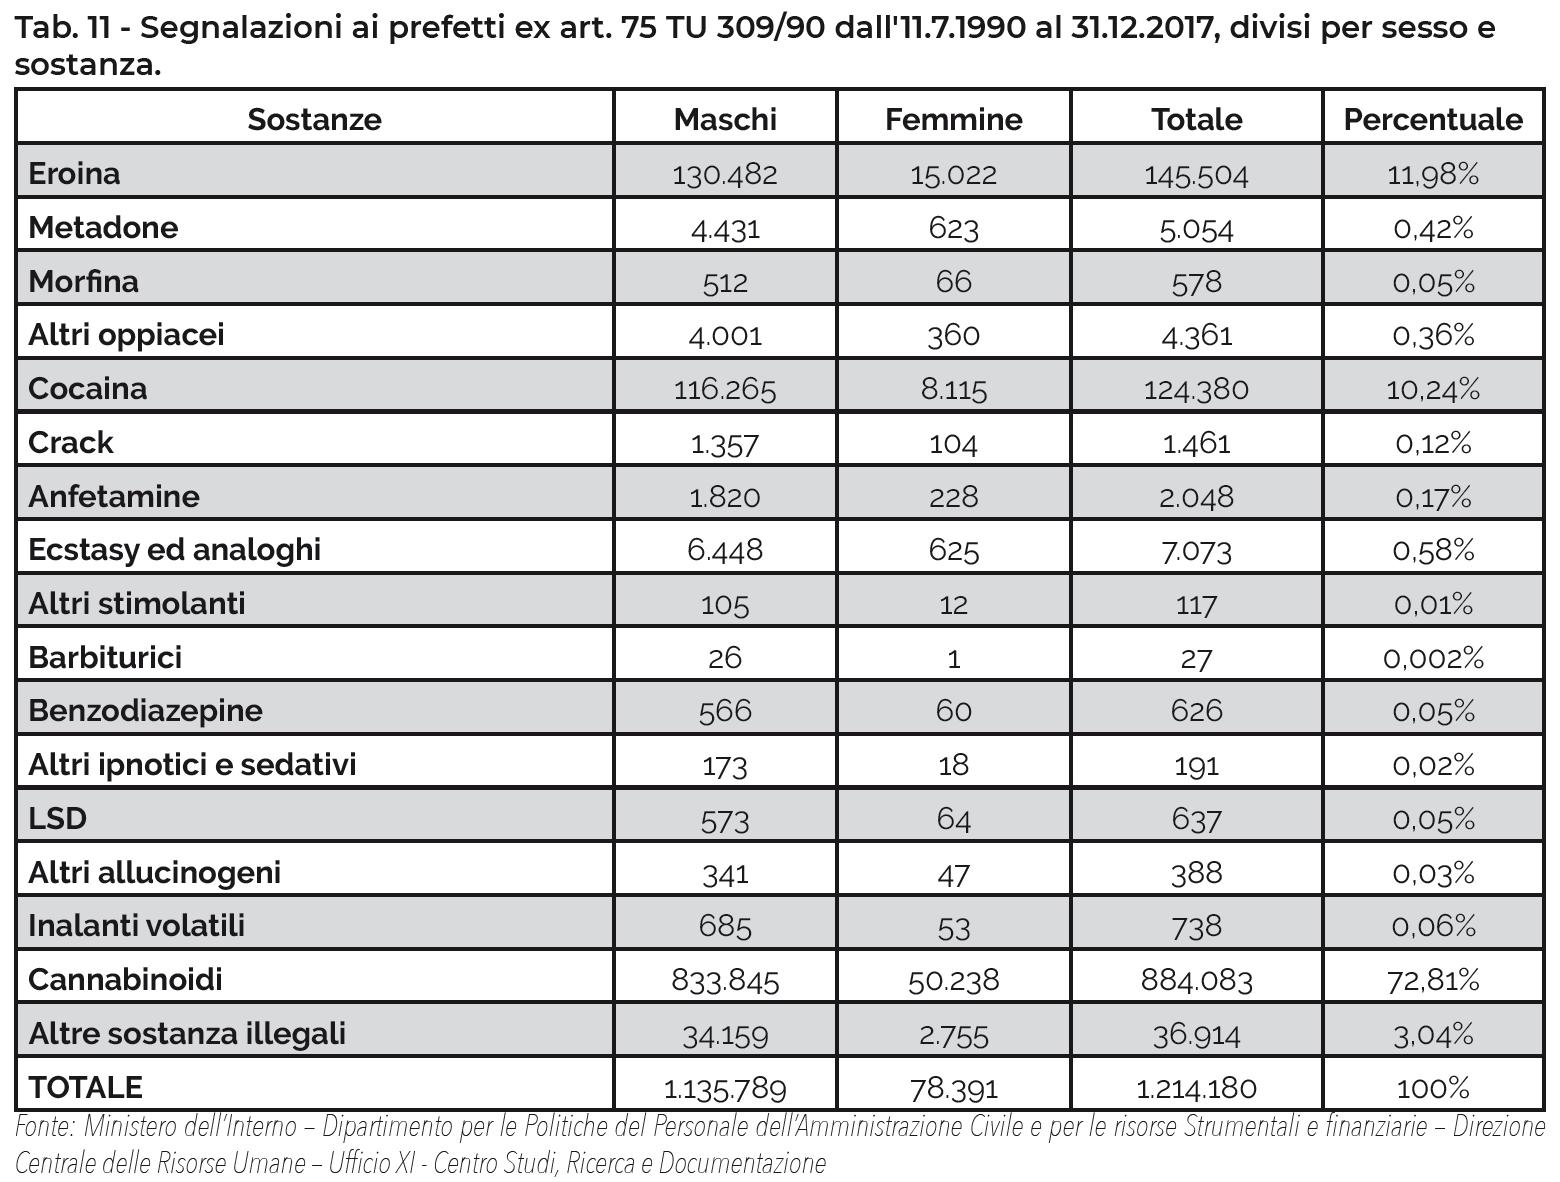 Tab. 12 - Segnalazioni ai prefetti ex art. 75 TU 309/90 dall'11.7.1990 al 31.12.2017, divisi per sesso e sostanza.